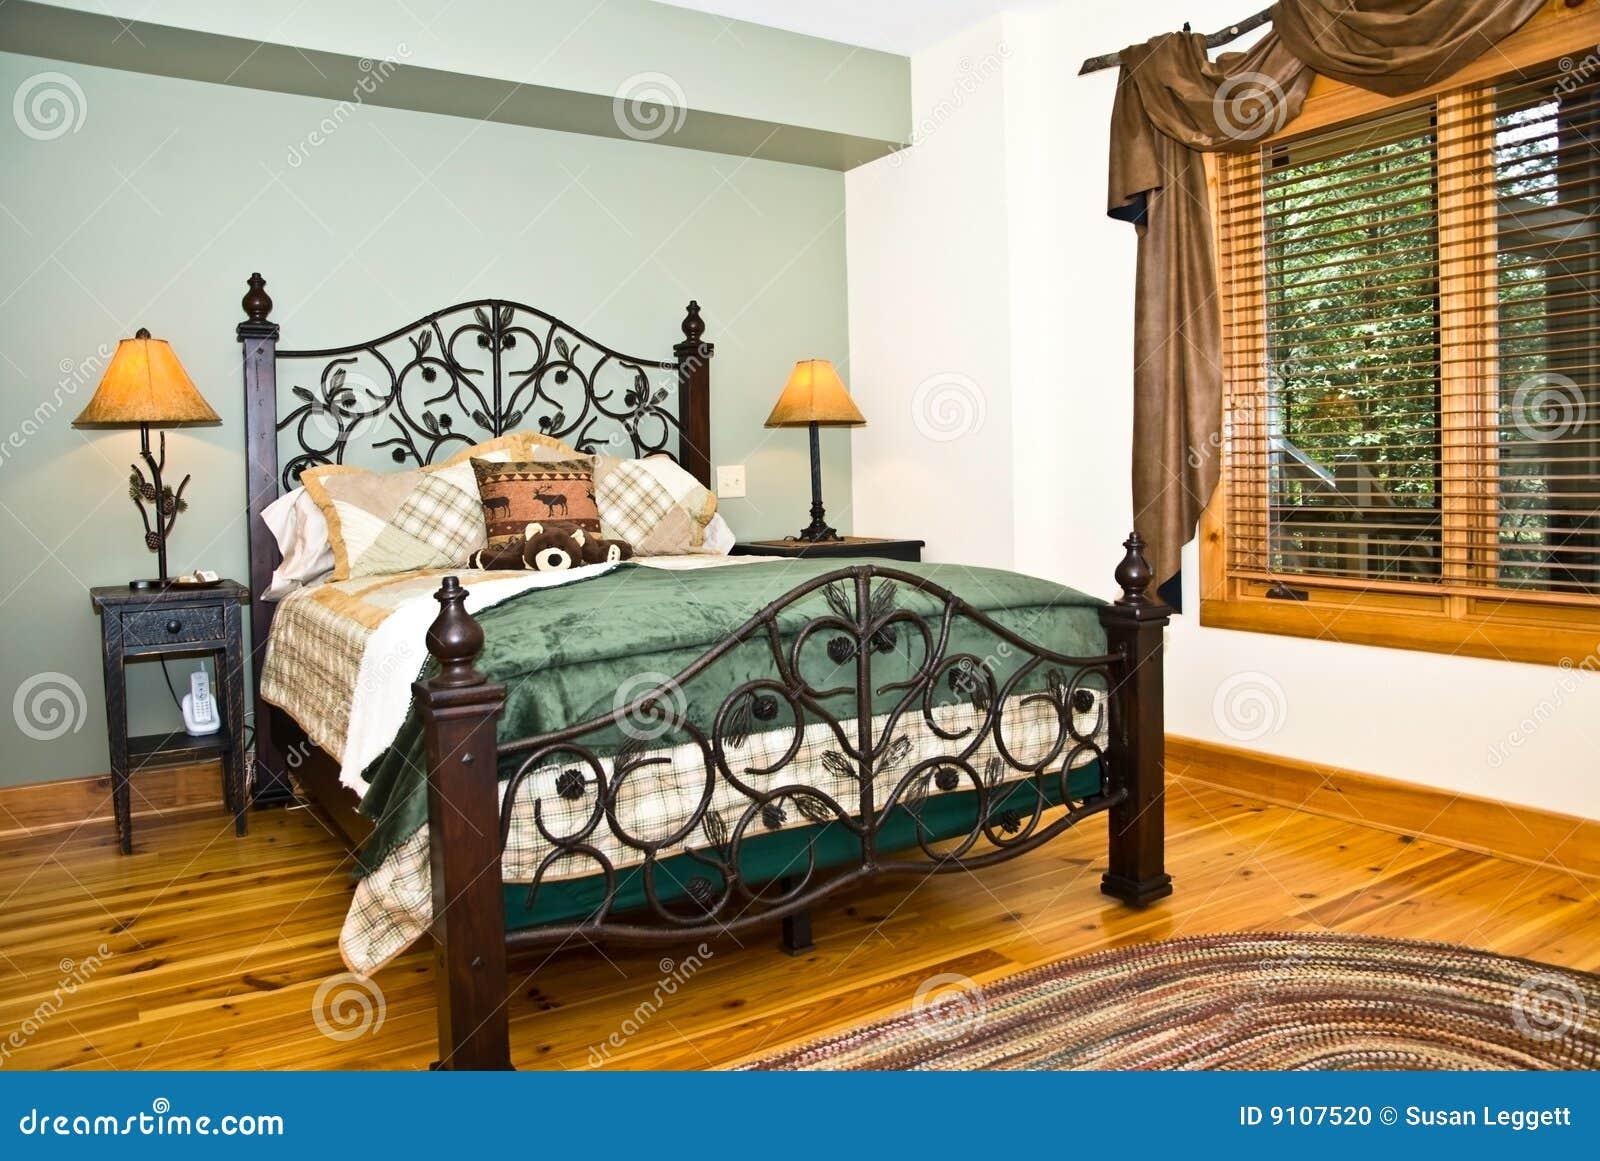 rustique moderne de d cor de chambre coucher. Black Bedroom Furniture Sets. Home Design Ideas